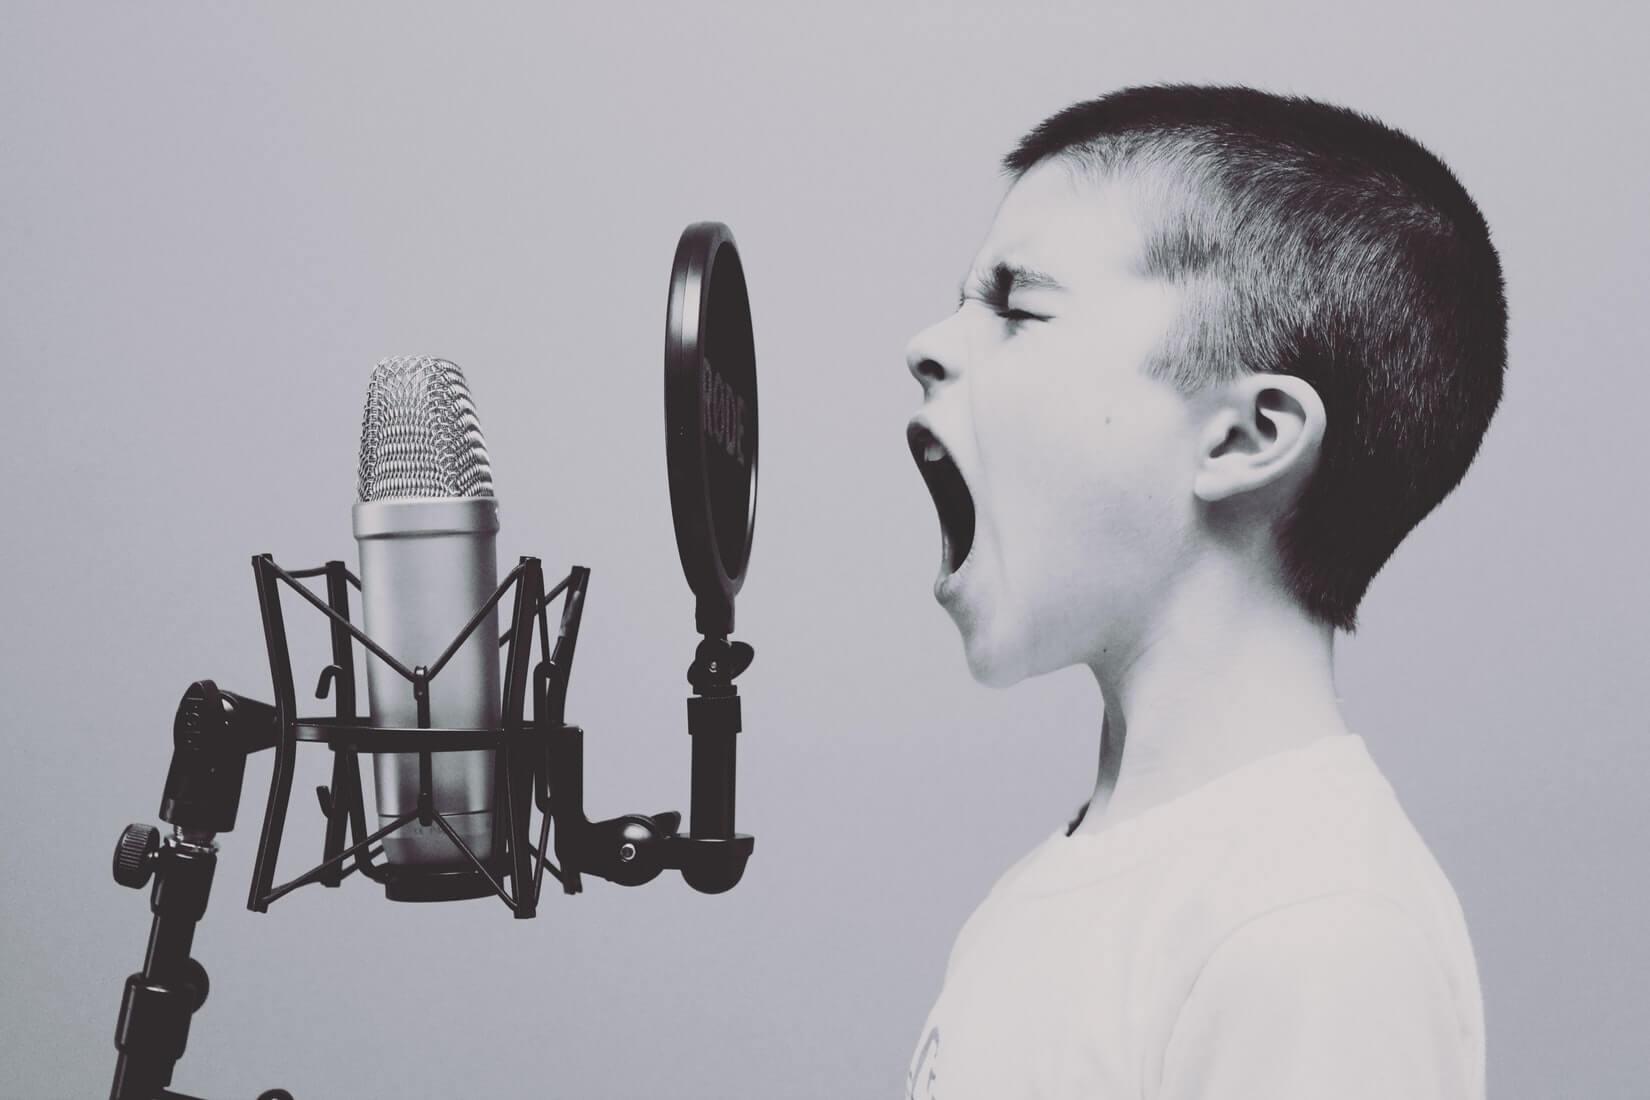 Les questions à te poser avant de lancer ton podcast